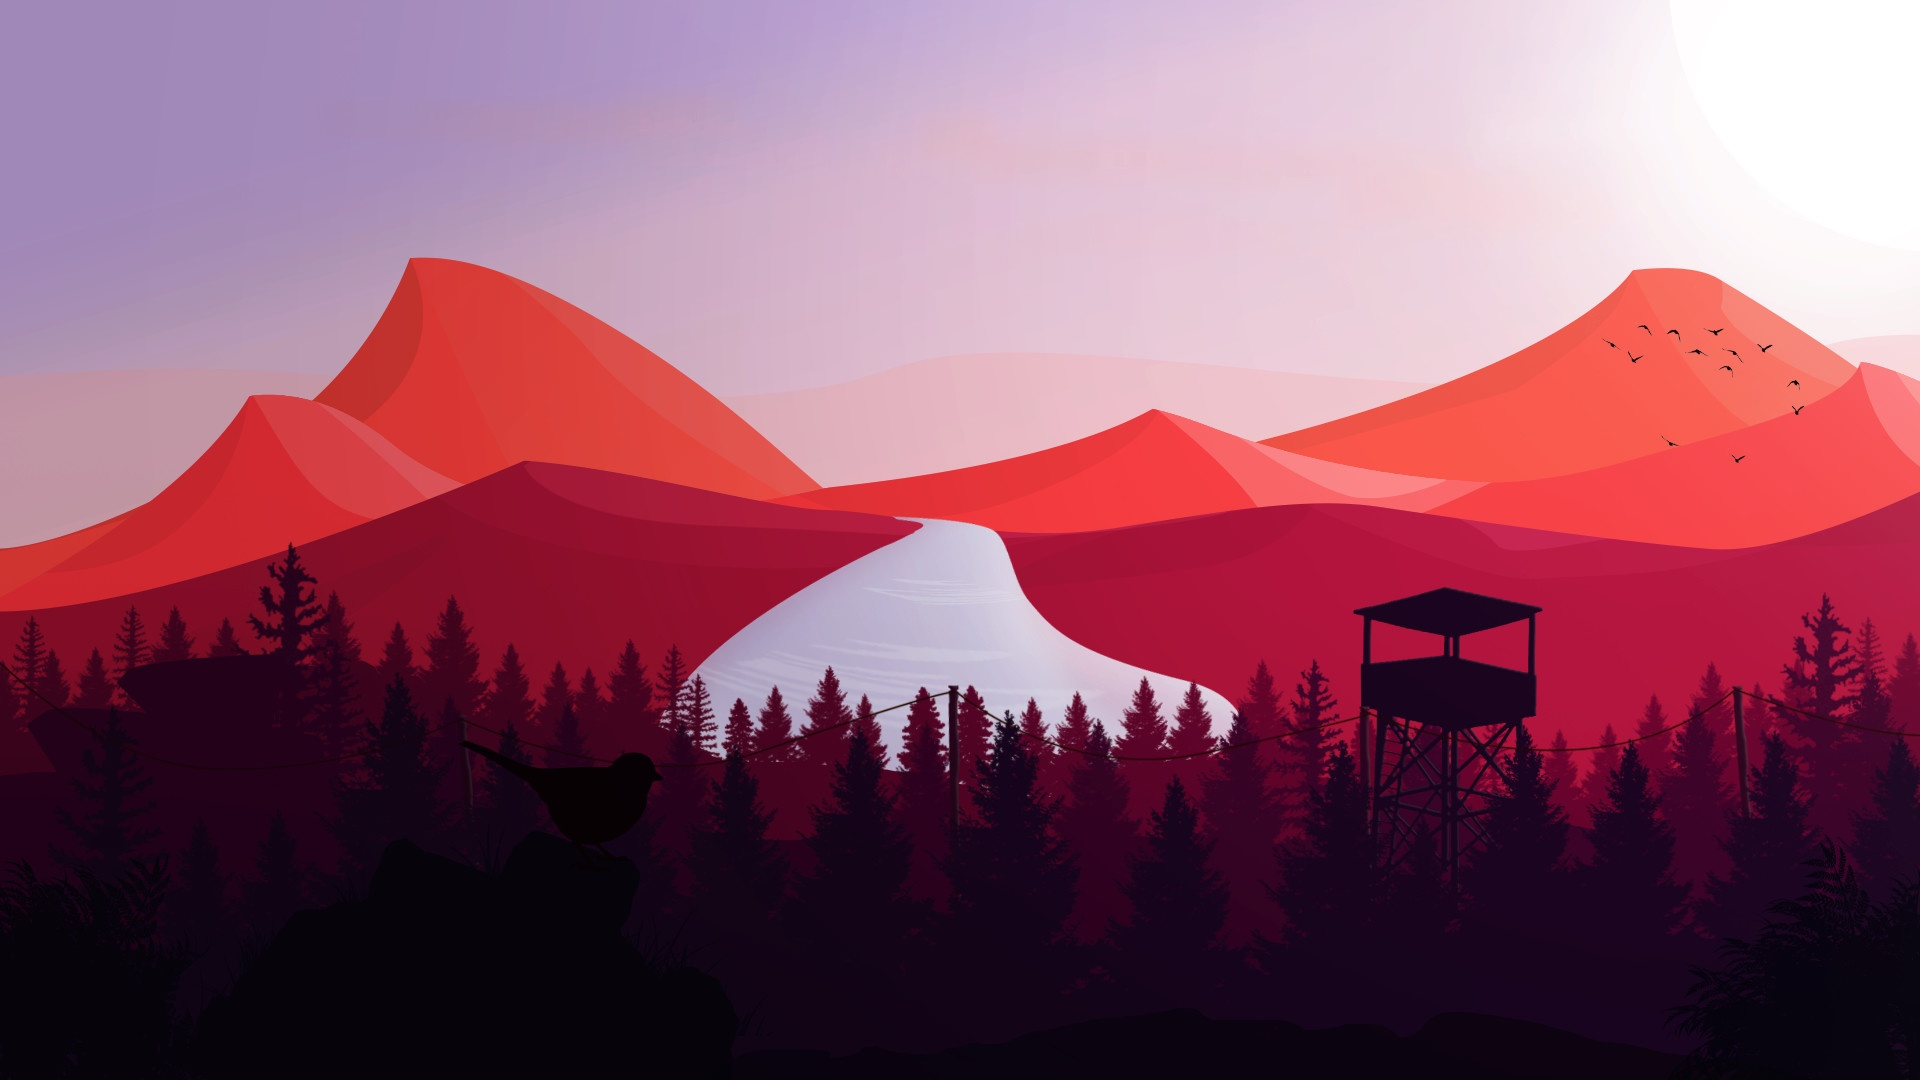 Firewatch windows background